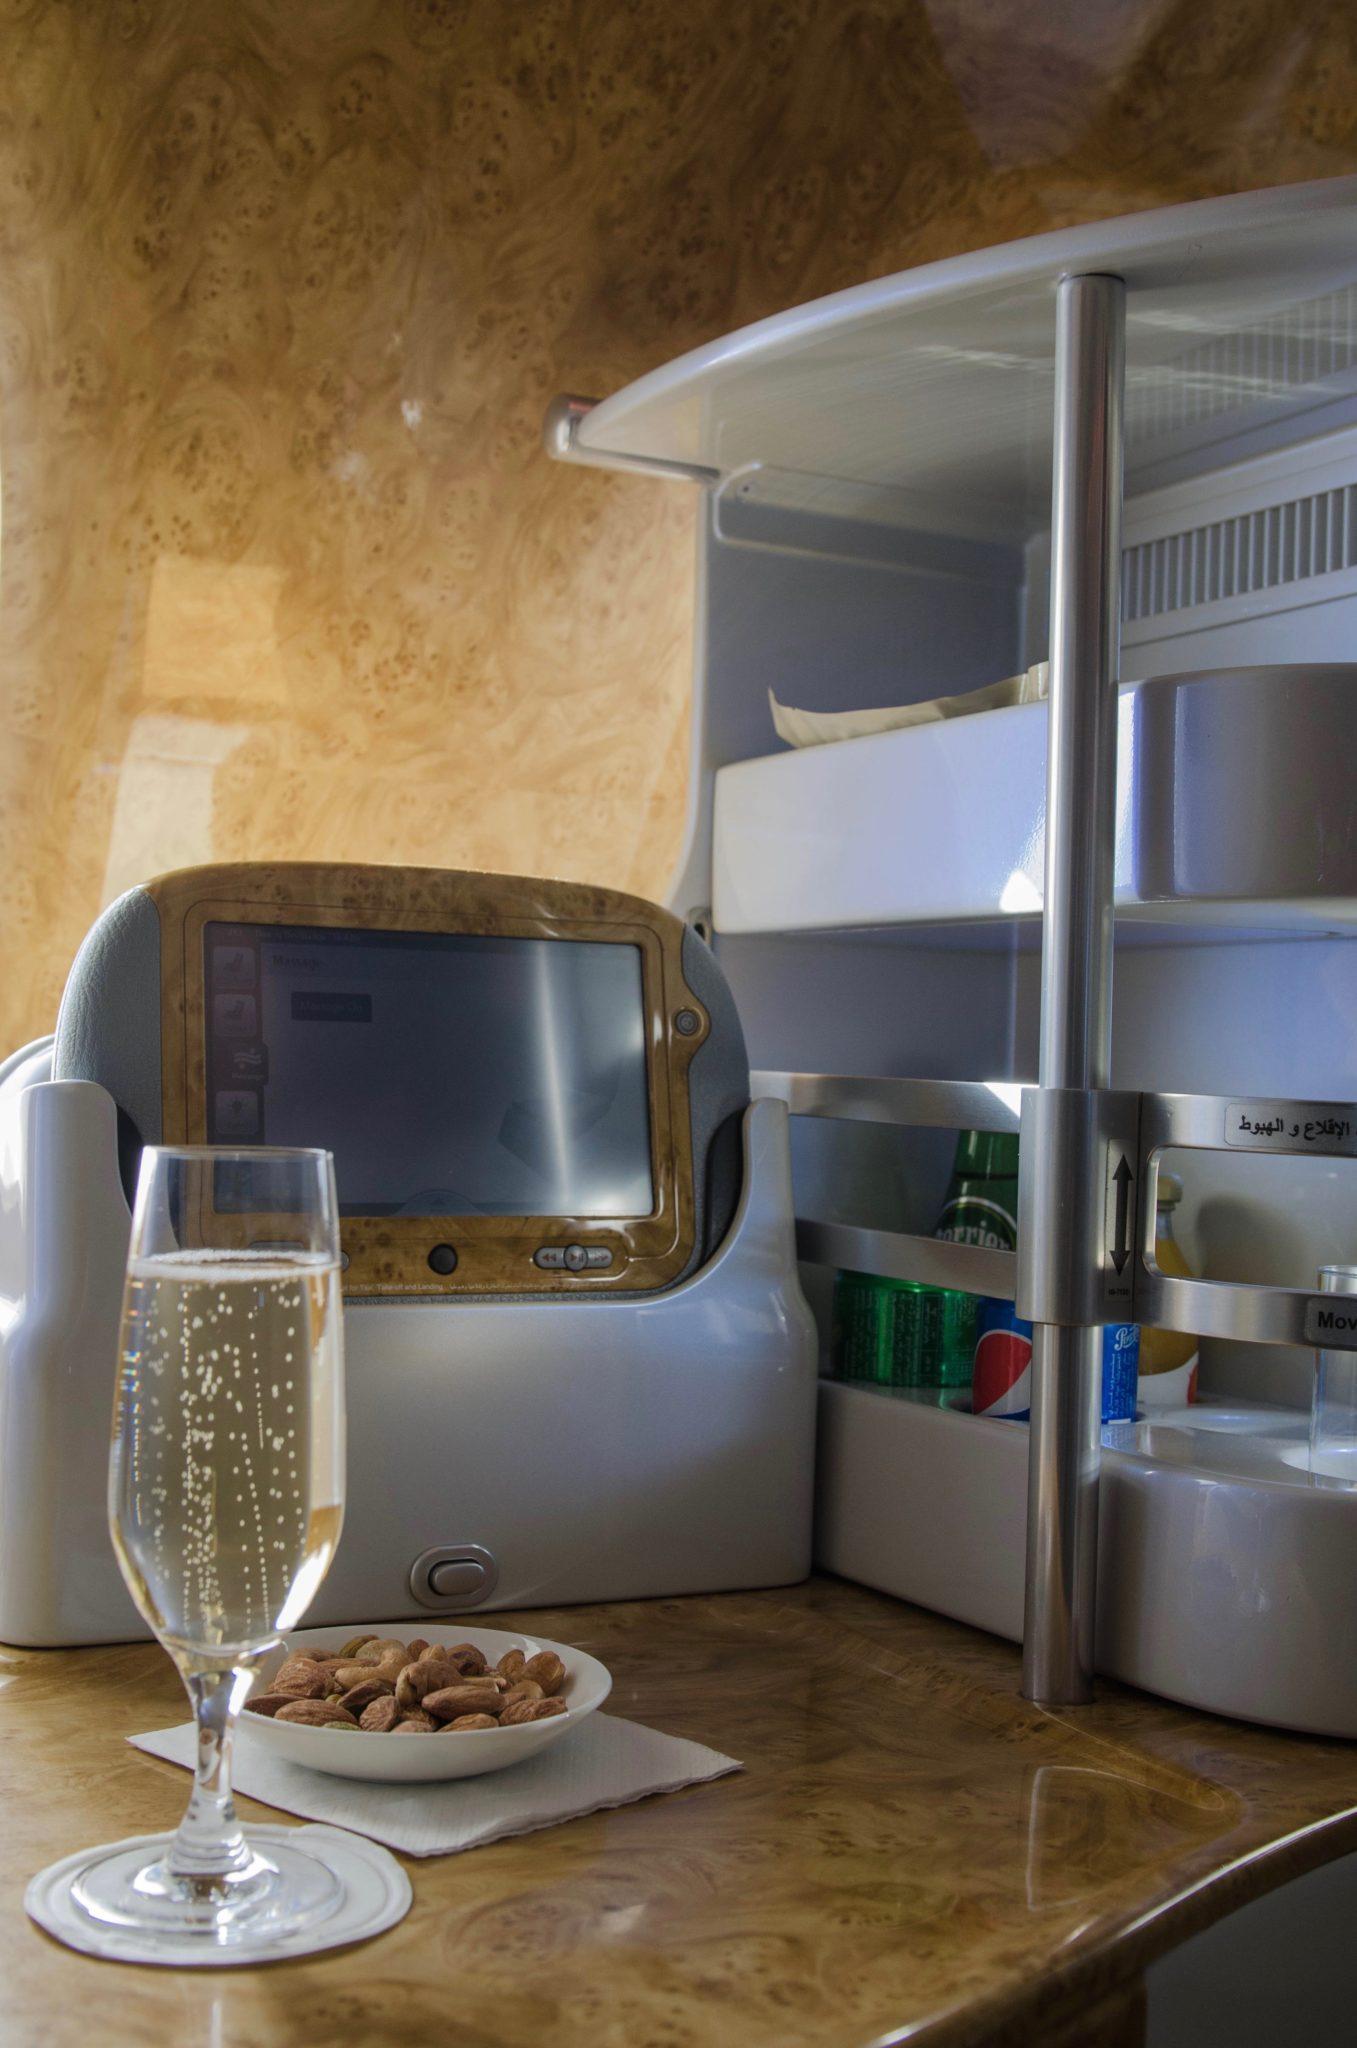 Emirates Business Class A380: Champagner darf den gesamten Flug über getrunken werden